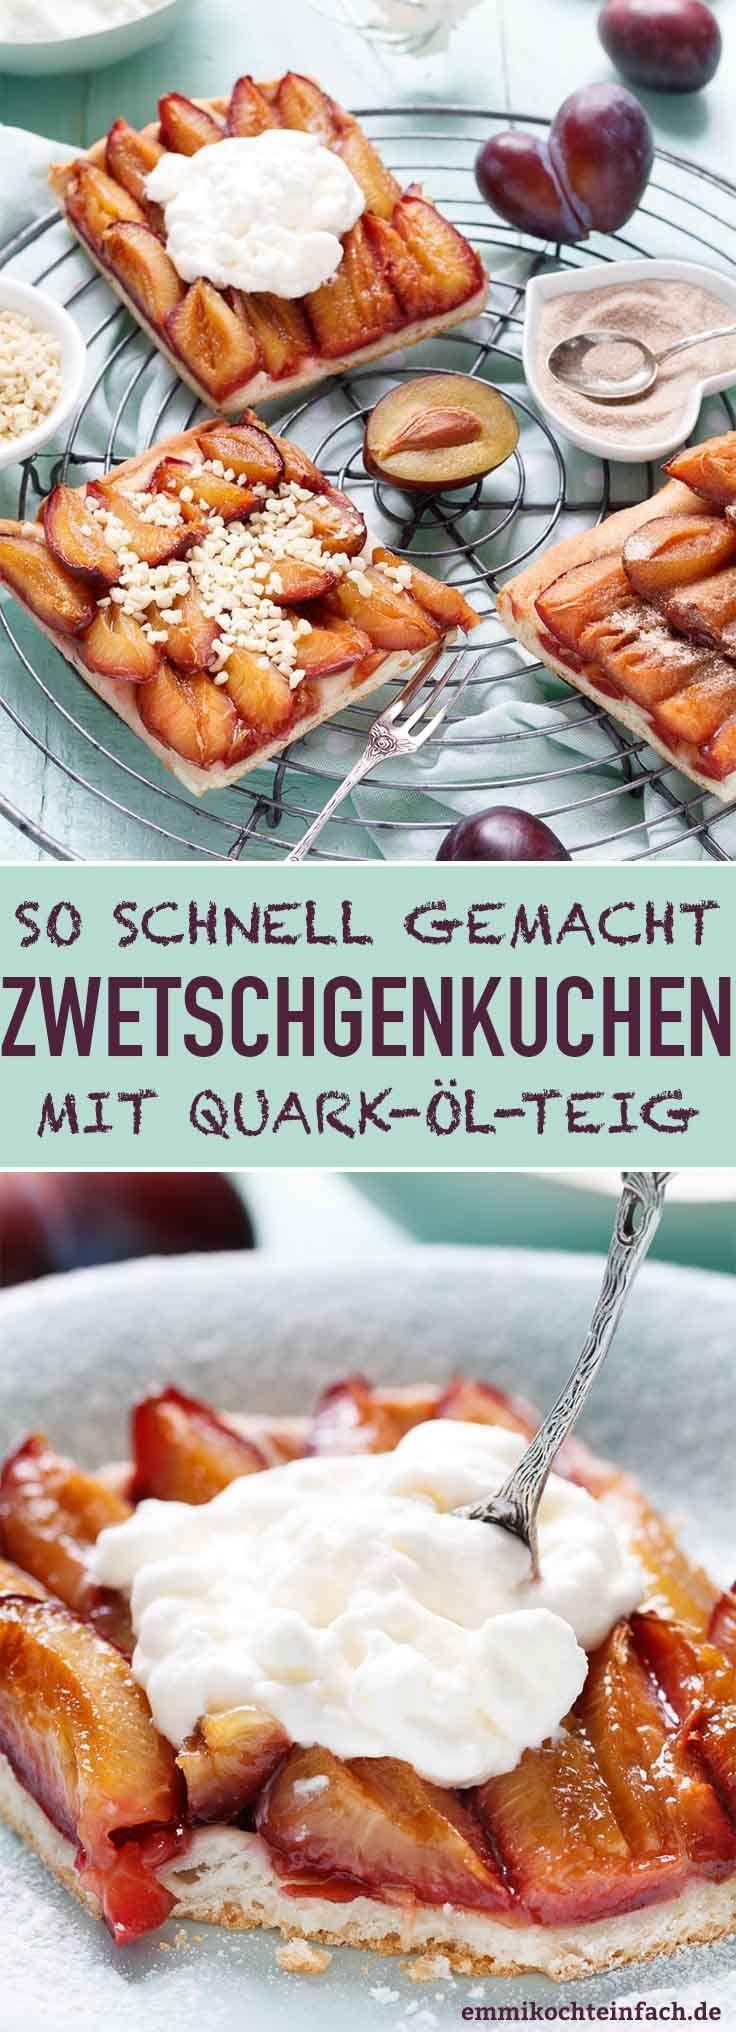 Schneller Zwetschgenkuchen mit Quark-Öl-Teig - emmikochteinfach #quickcookies